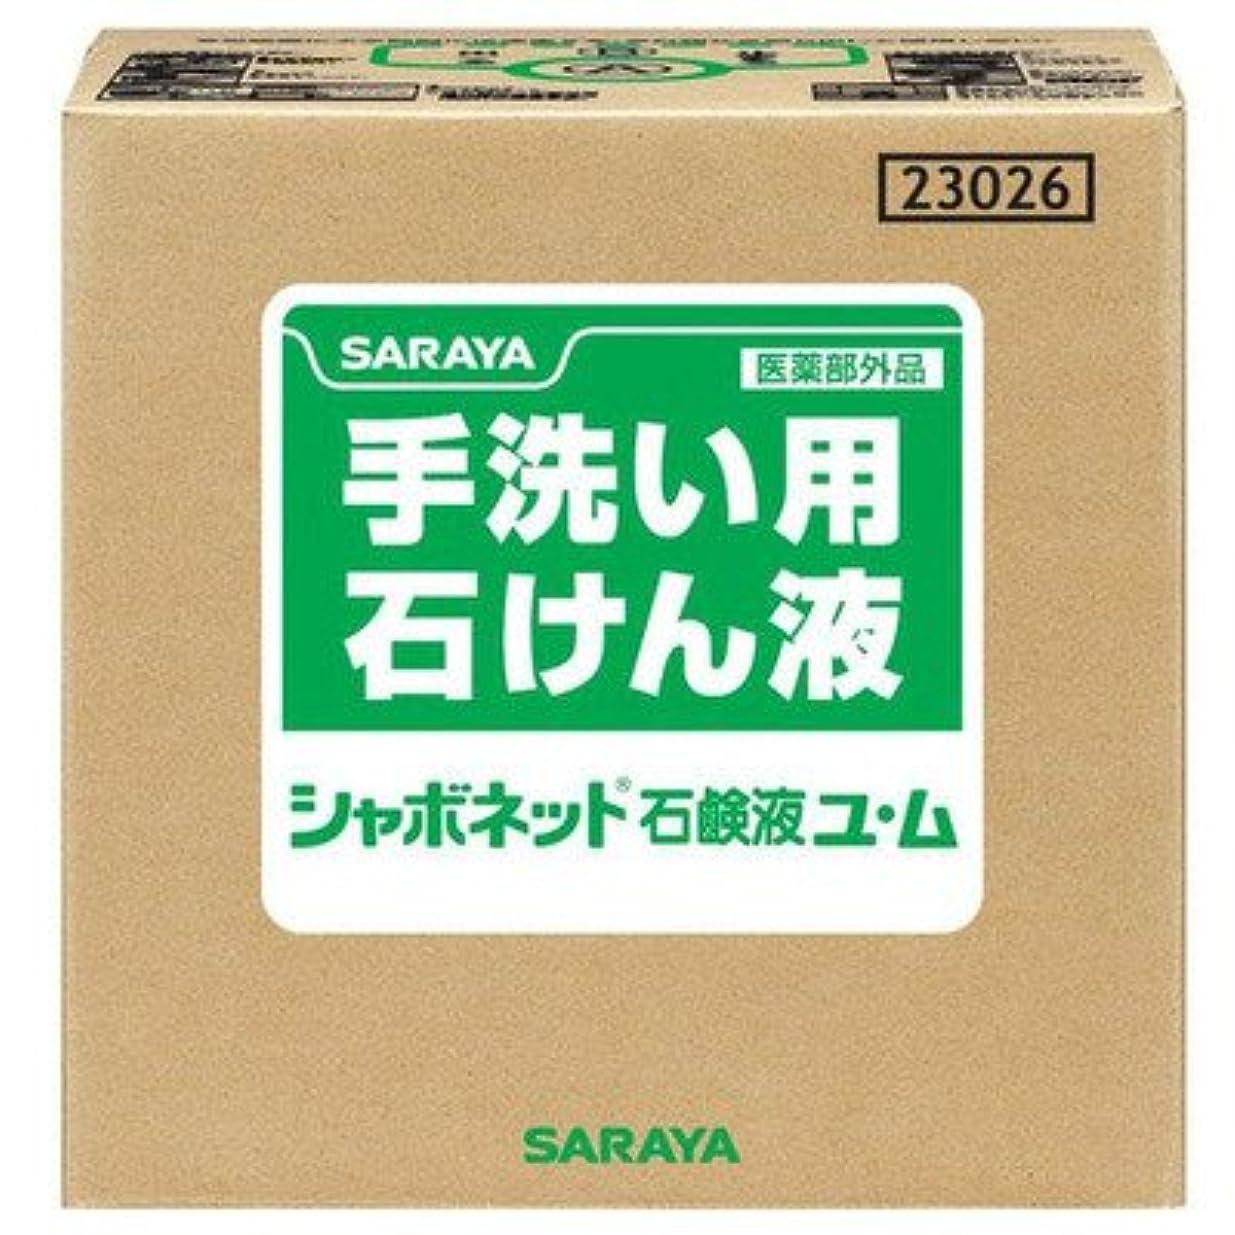 どうしたのコンペインシデント有色?無臭の手洗い石けん液 サラヤ シャボネット 石鹸液ユ?ム 20kg×1箱 BIB